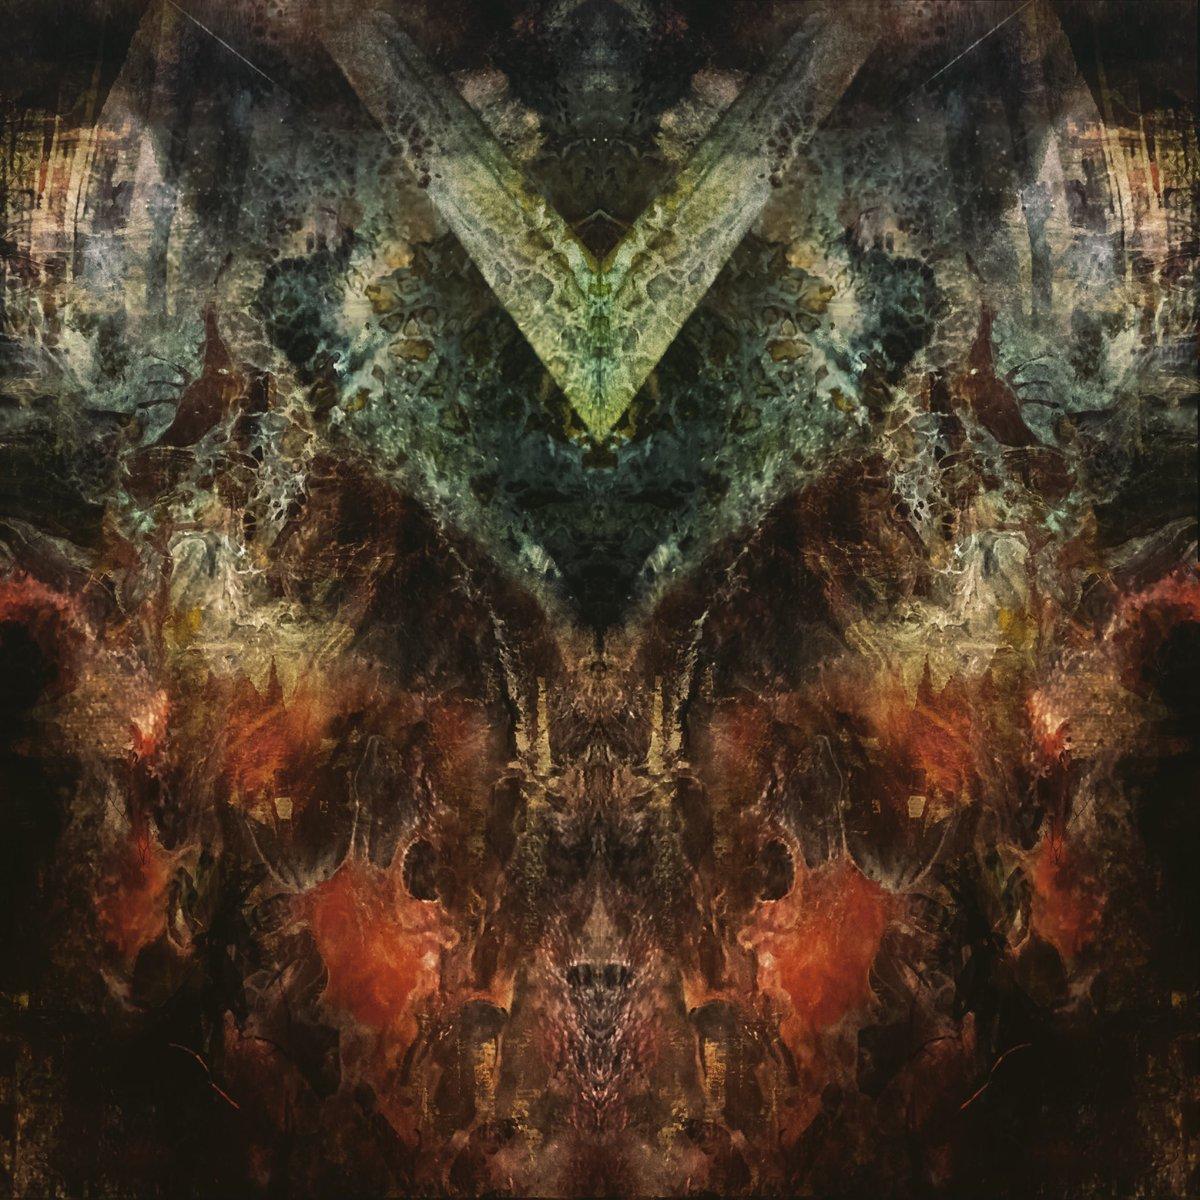 1957  #門 #GATE  #symmetry  #artpop #artecontemporaneo #pintura #abstraktekunst #artabstrait #contemporaryart #instaartist #instaart #artsy #artoftheday #artcollector #inspiration #painter #abstract  #art #artwork #発達障害ってホントに何かに特化する才能を持つことがある